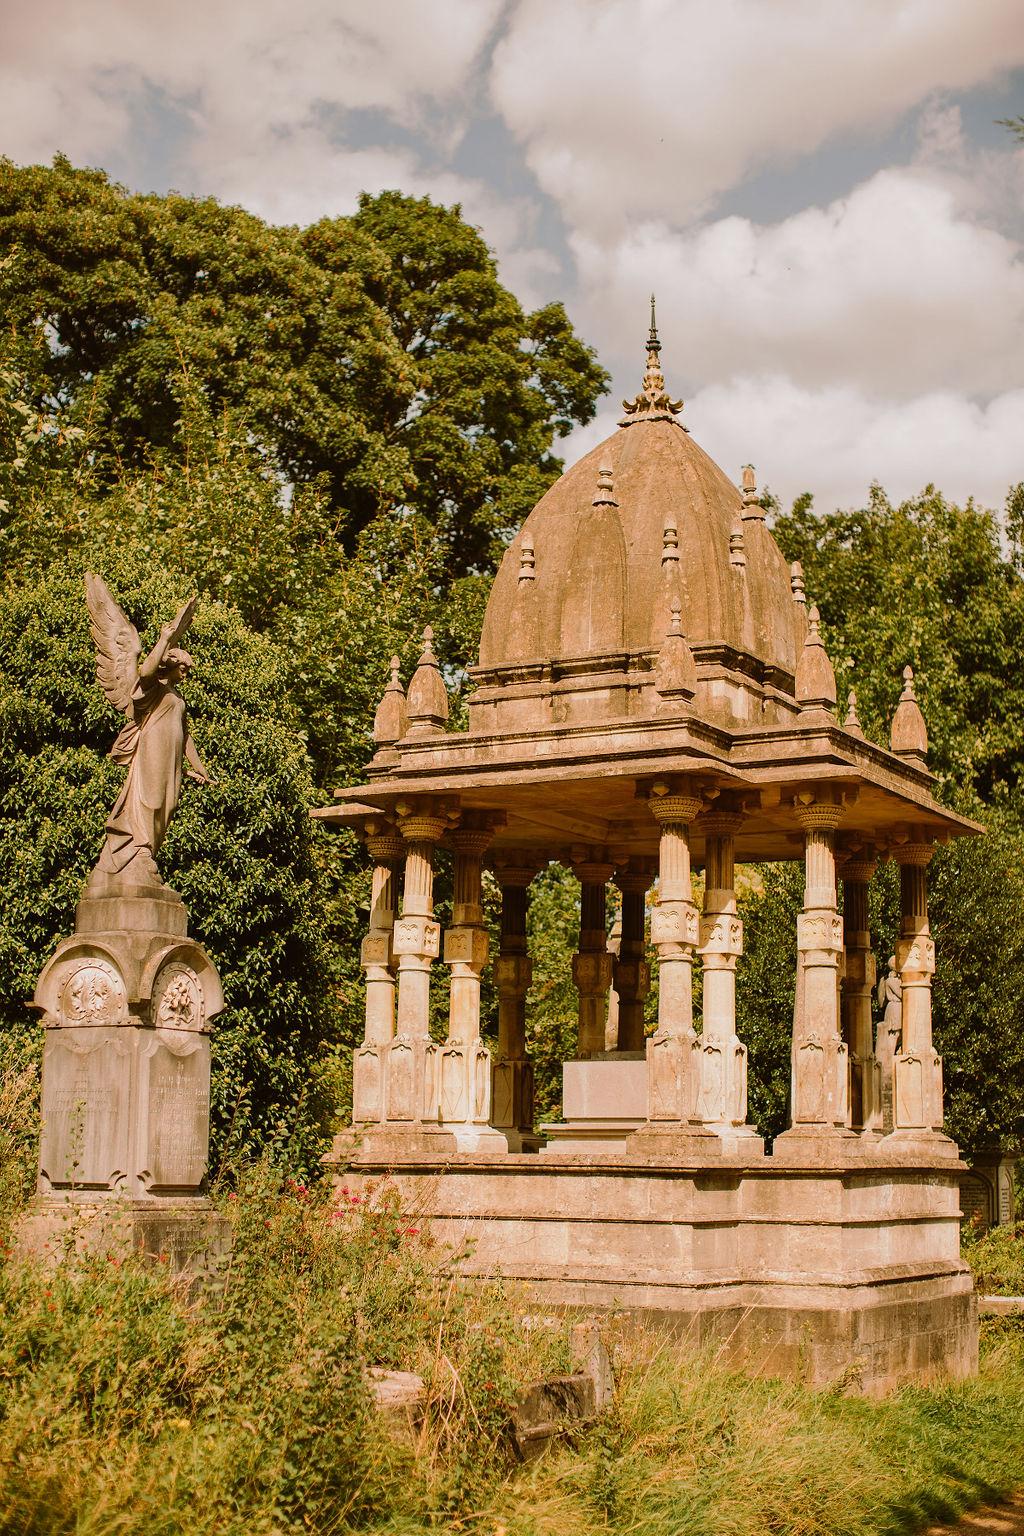 arnos vale cemetery - alternative wedding venue - gothic wedding venue - cemetery wedding venue - bristol wedding venue